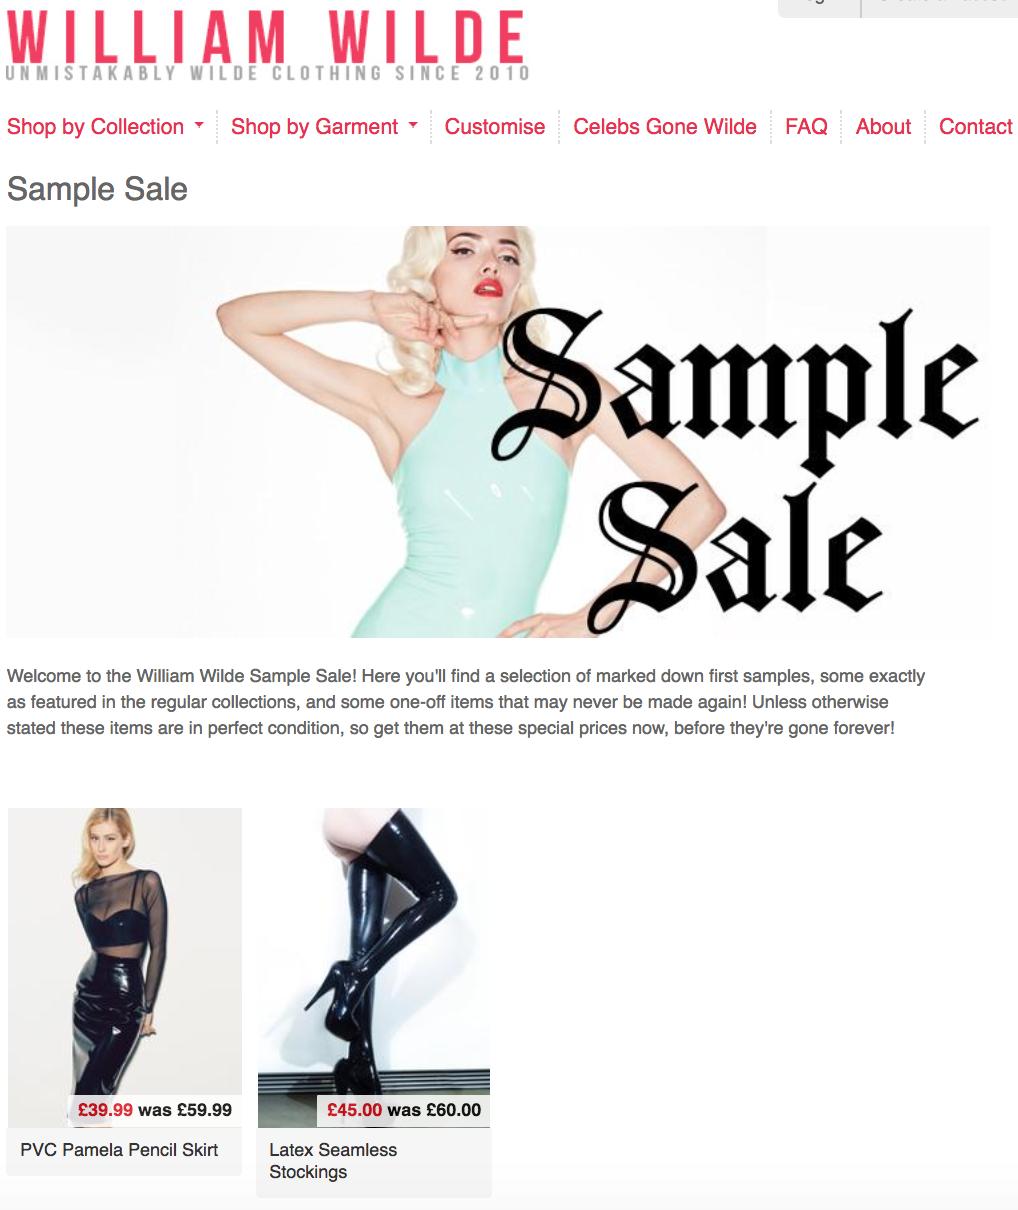 [Вопрос] Что такое распродажа сэмплов (Sample Sale)